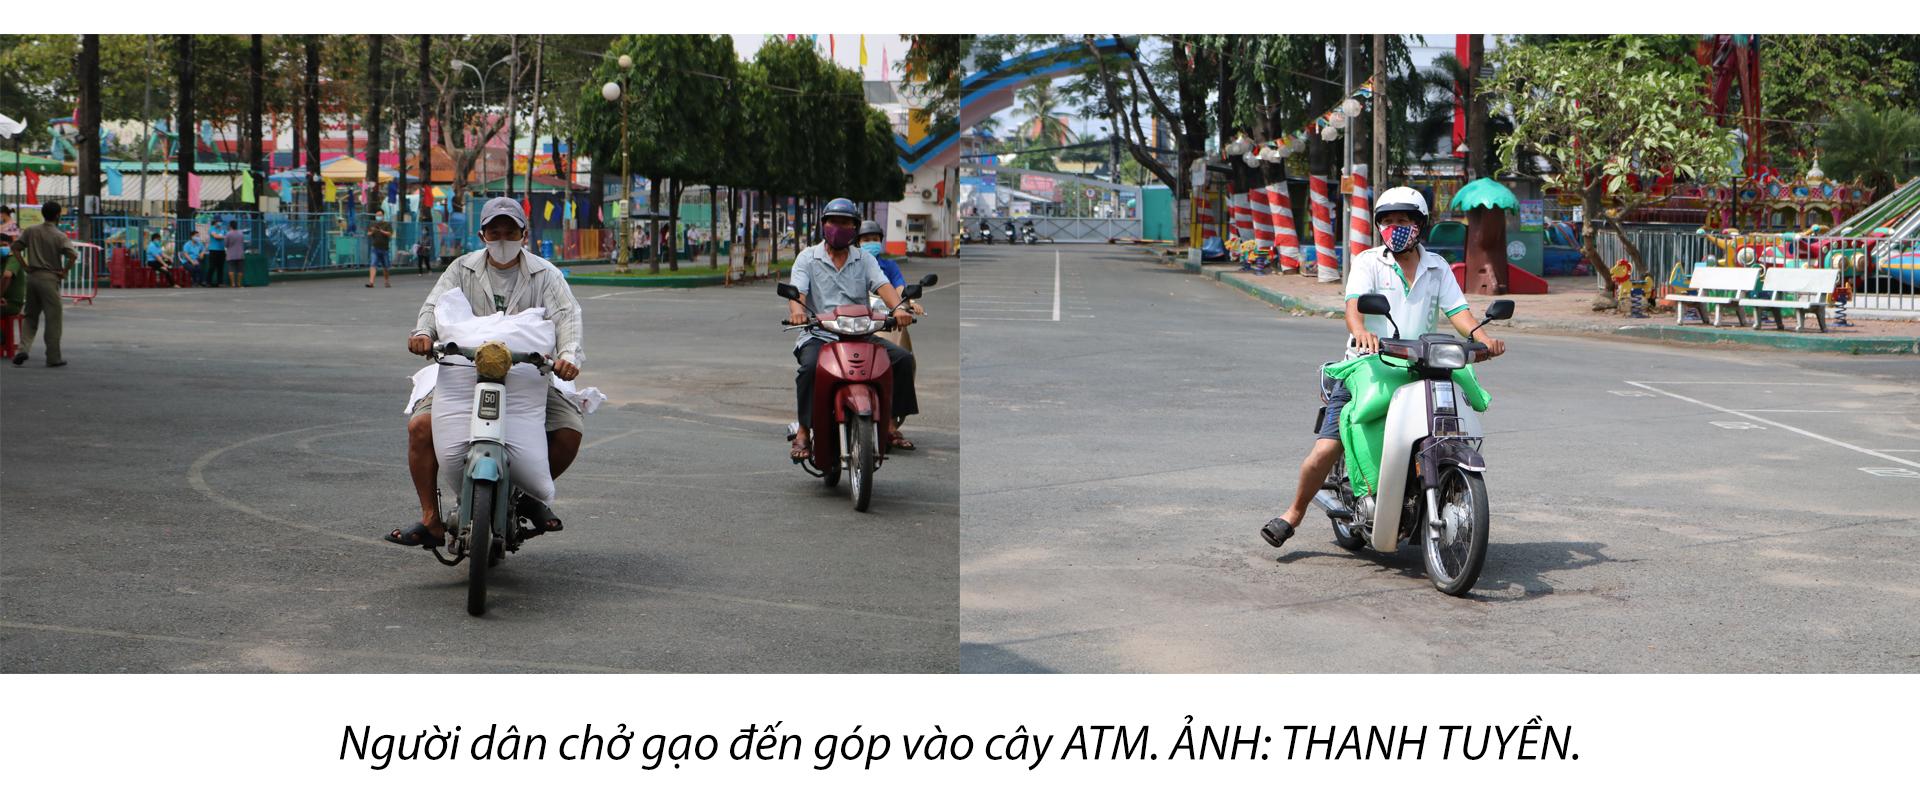 Đi qua mùa dịch: Người Sài Gòn đúng thật 'tánh kỳ' - ảnh 3